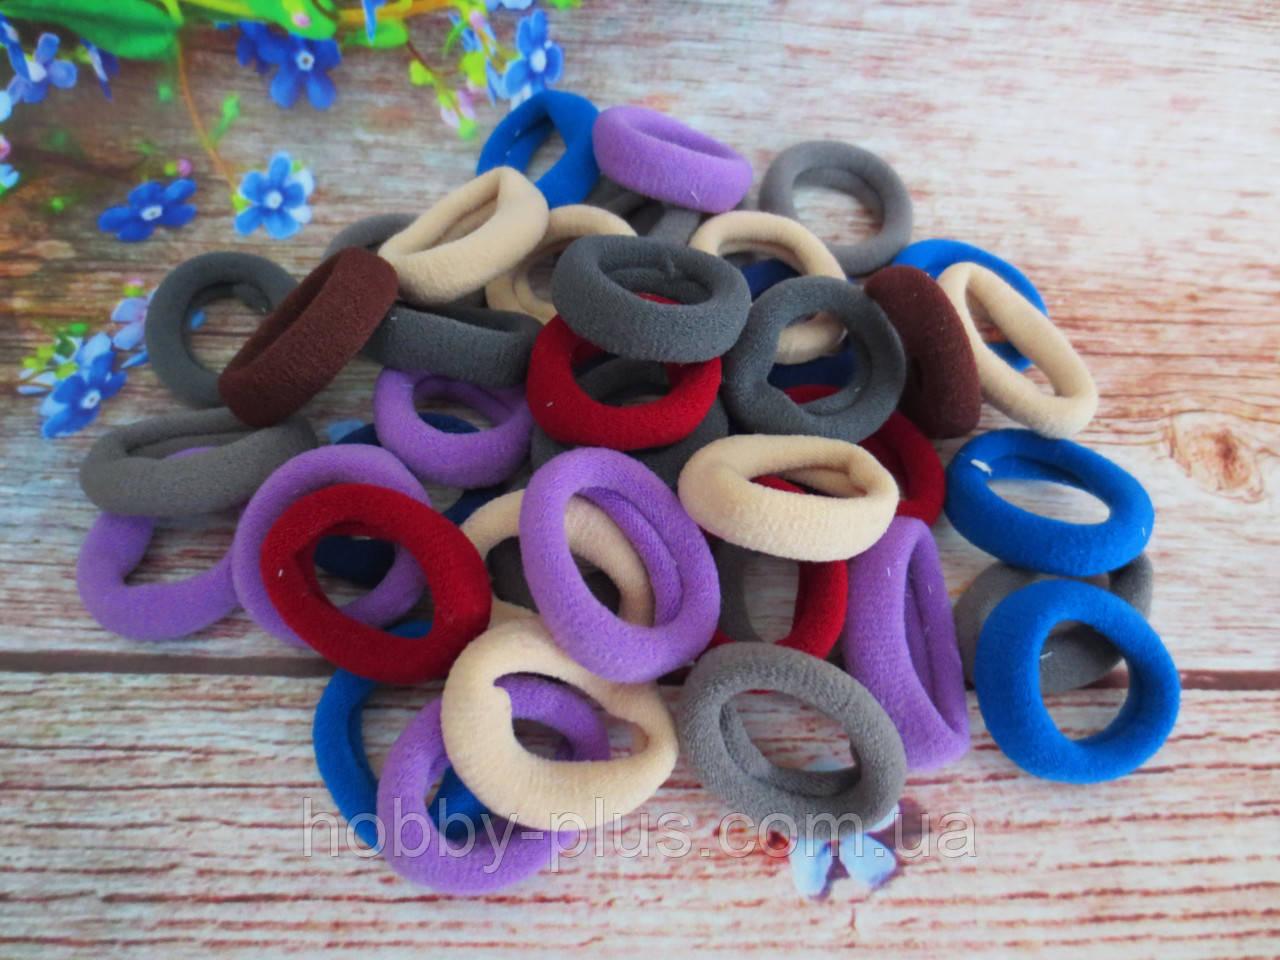 Резинки для волос нейлоновые, ЦВЕТНЫЕ, 2,5 см., (темные), 10 шт.